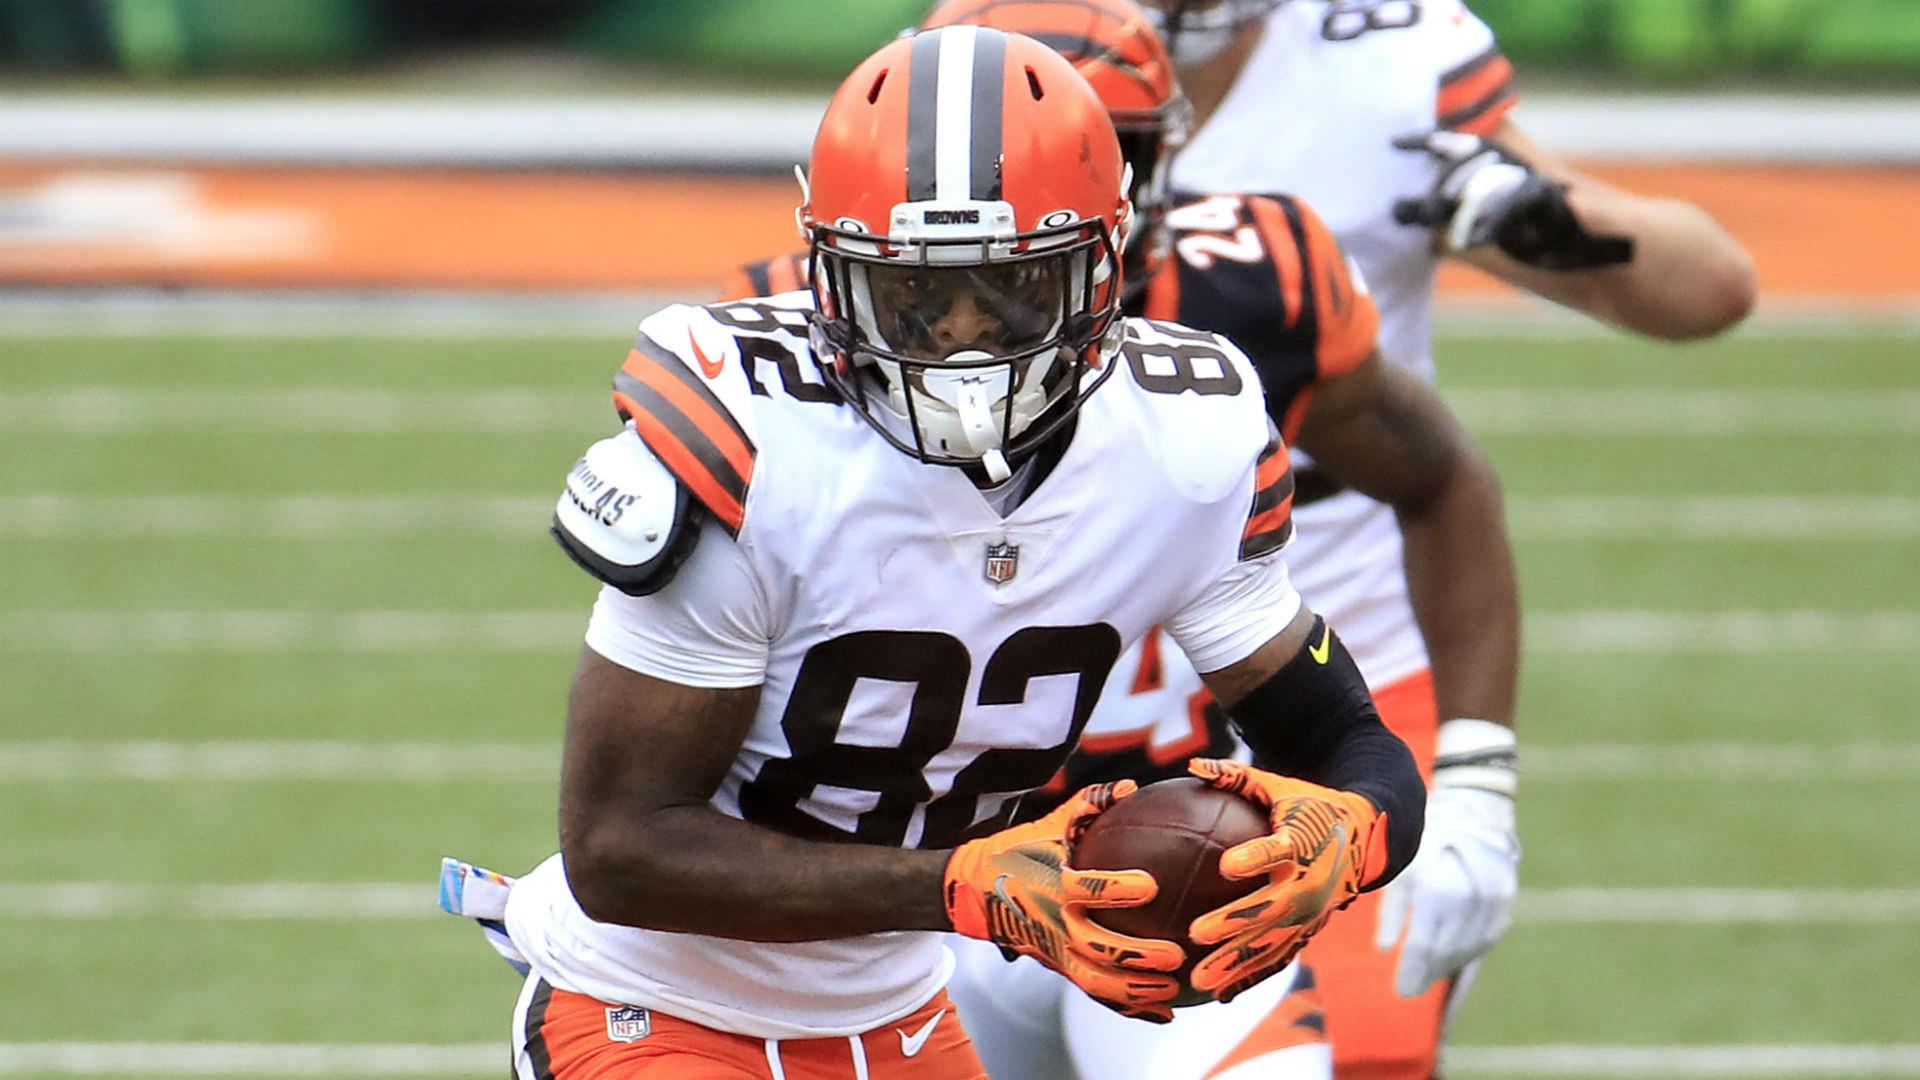 Browns vitimados pela 'pior regra da NFL' enquanto Rashard Higgins fumble custou a Cleveland um touchdown contra Chiefs